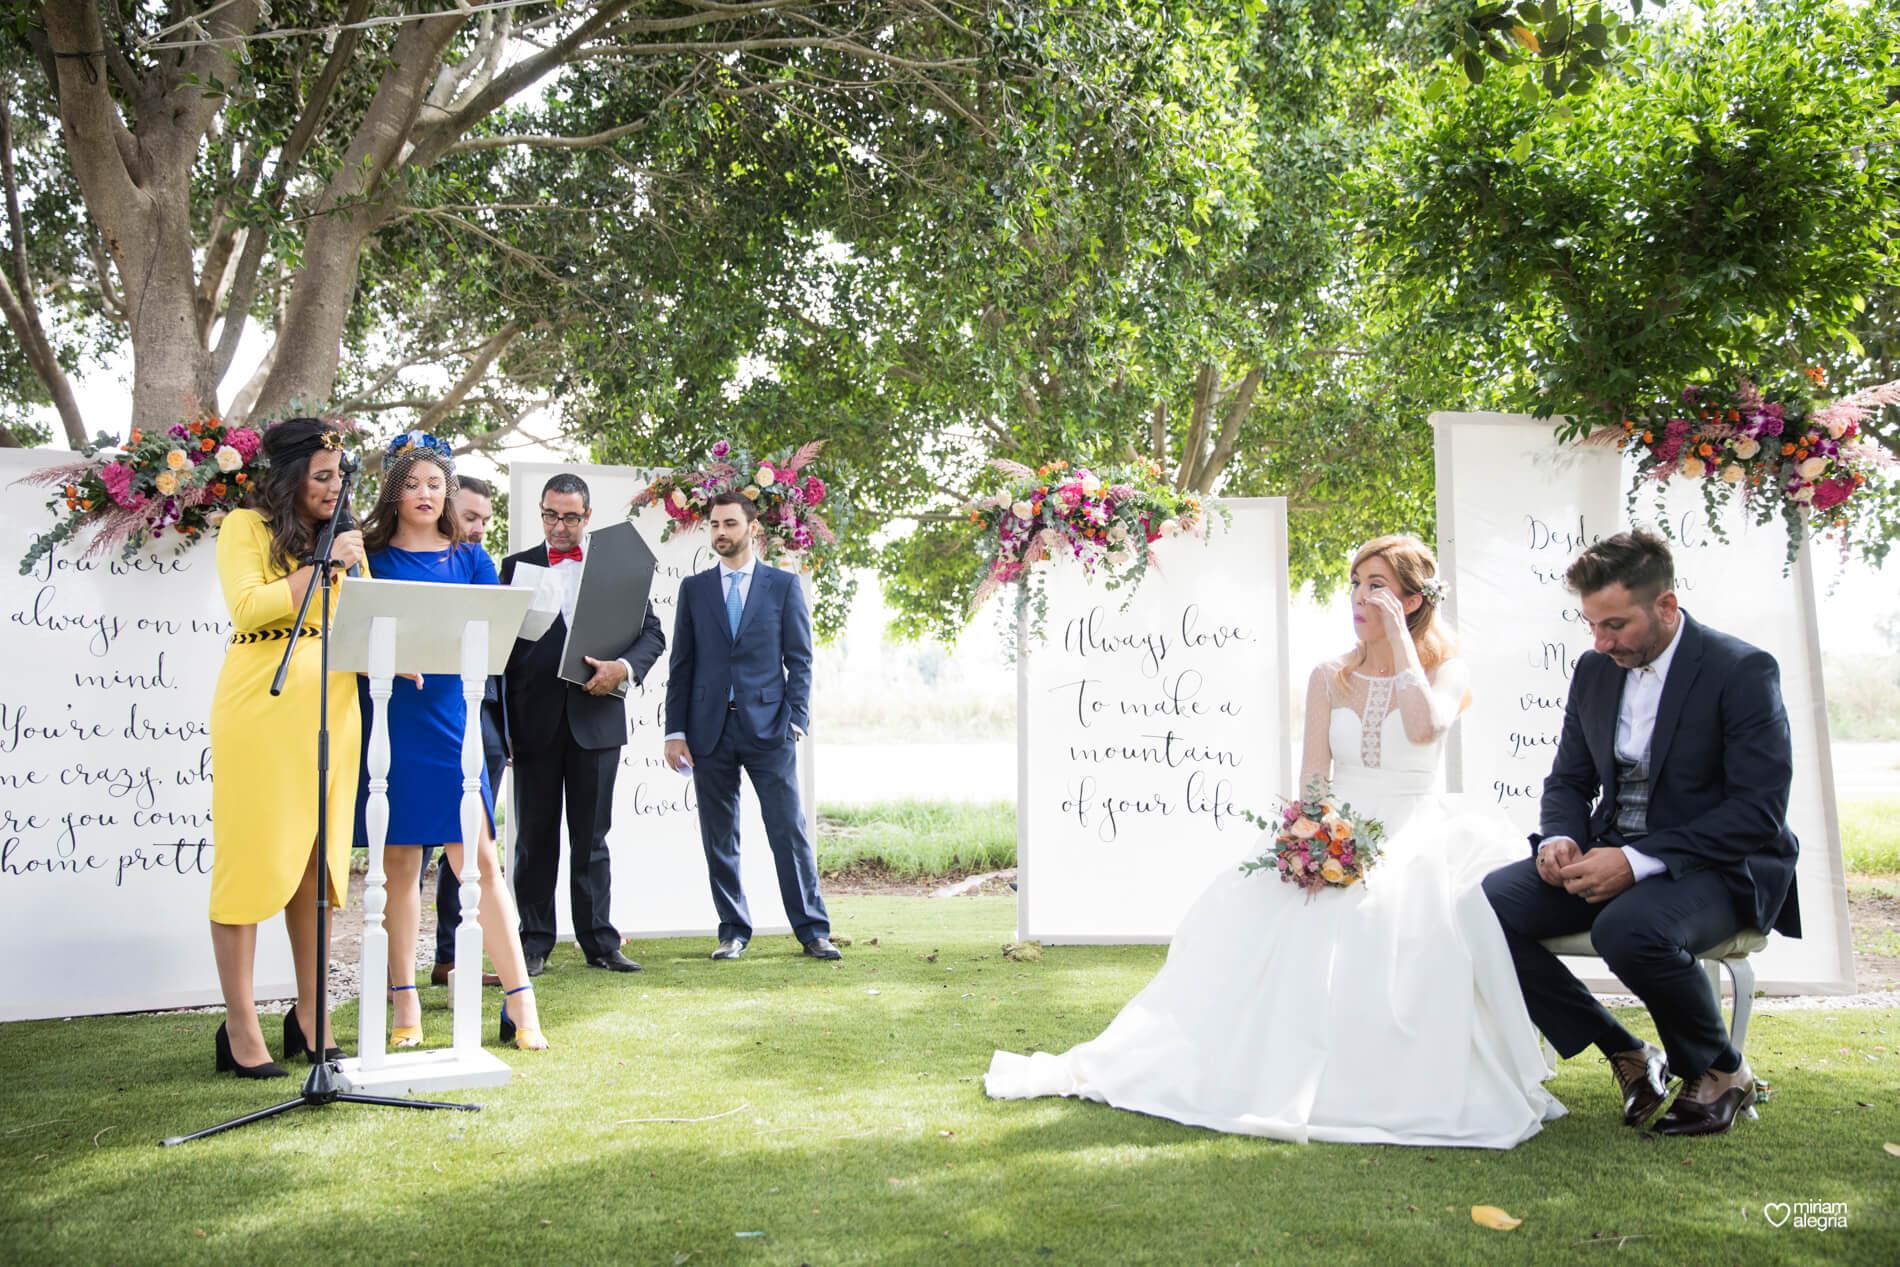 boda-en-finca-villa-vera-de-alemc7-miriam-alegria-fotografos-boda-murcia-69